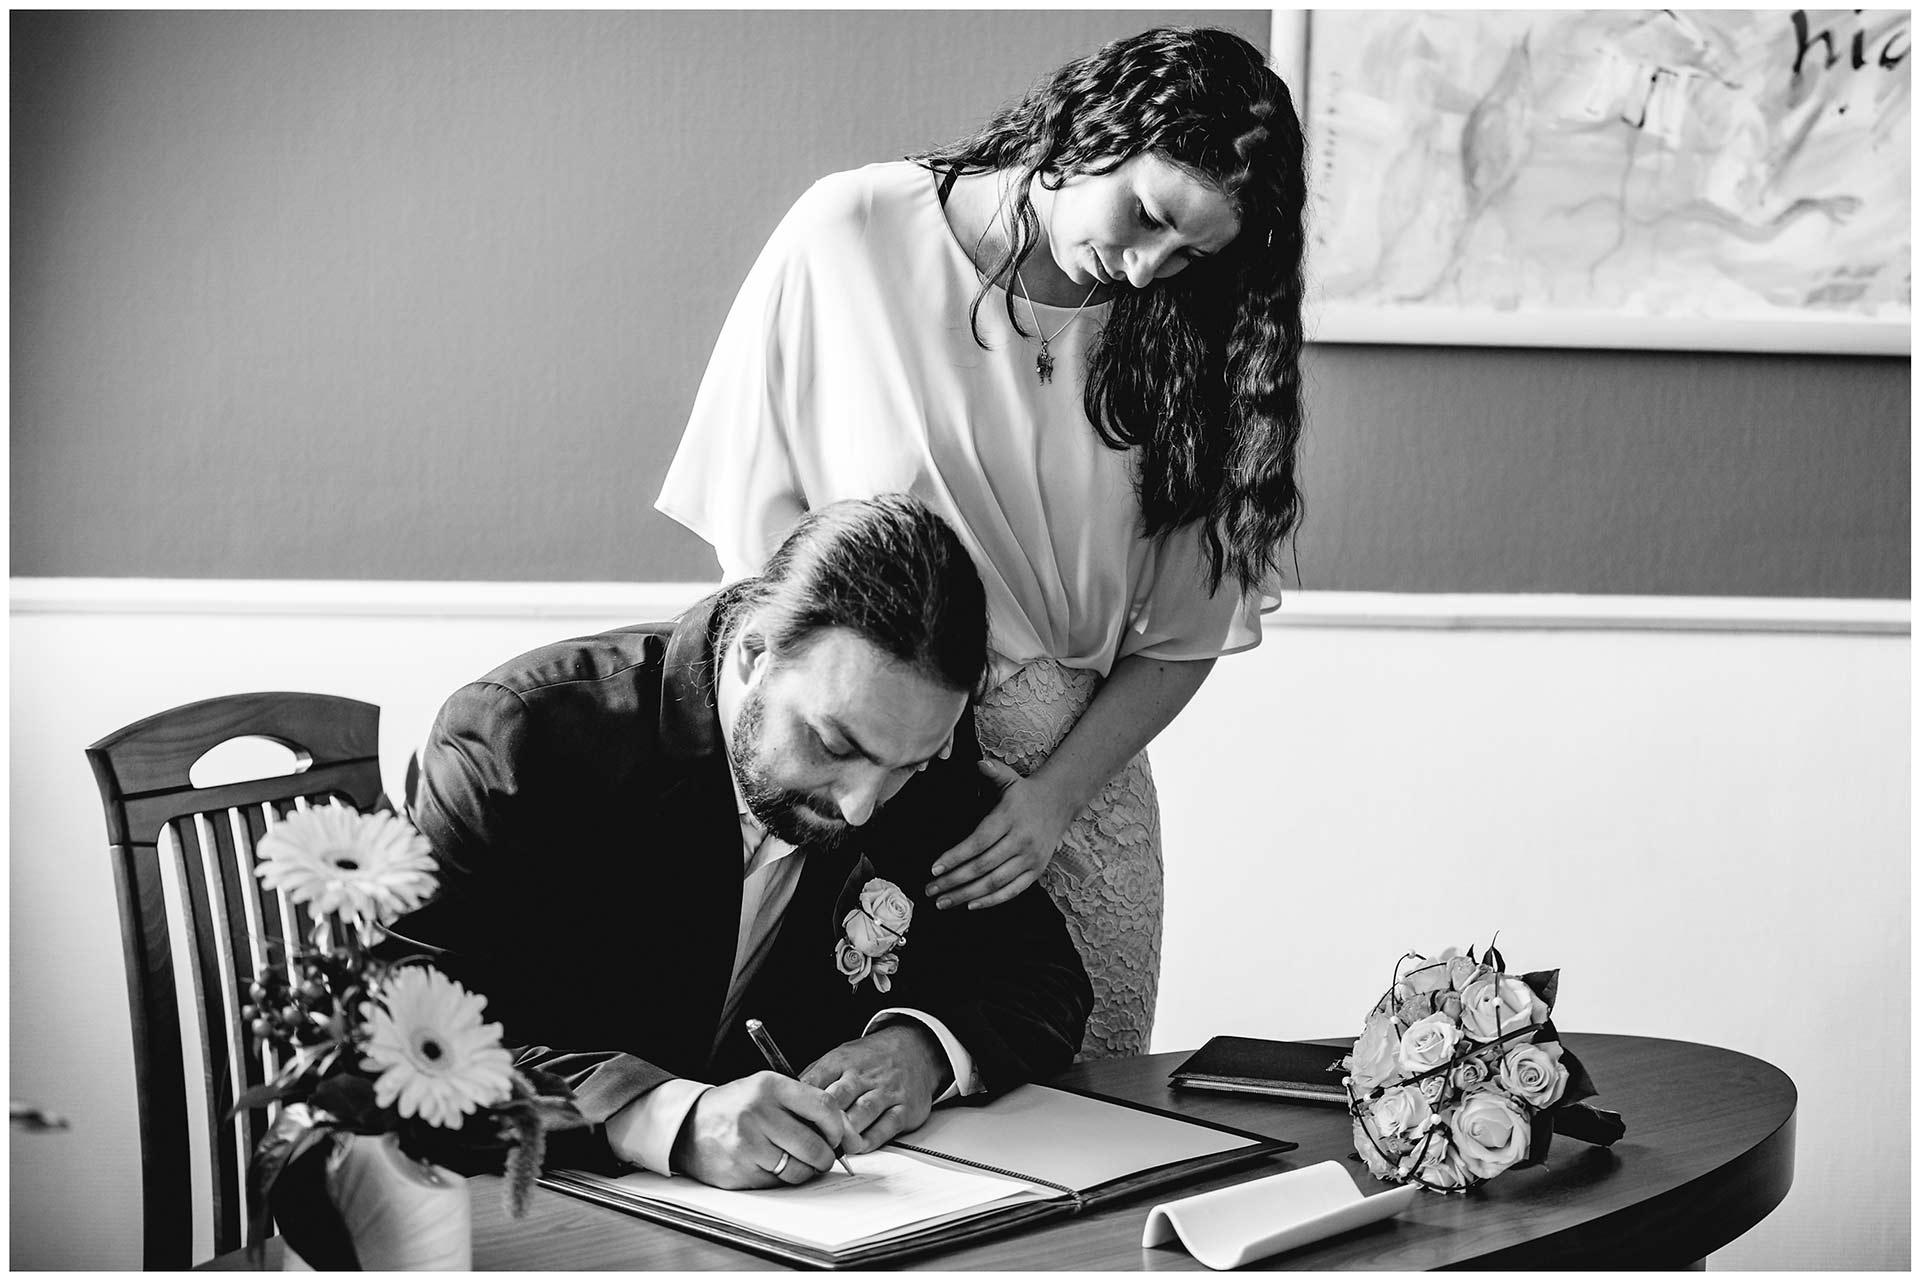 Bräutigam unterschreibt bei der Trauung, Braut steht daneben und hält Bräutigam fest - Hochzeitsfotograf in Teterow